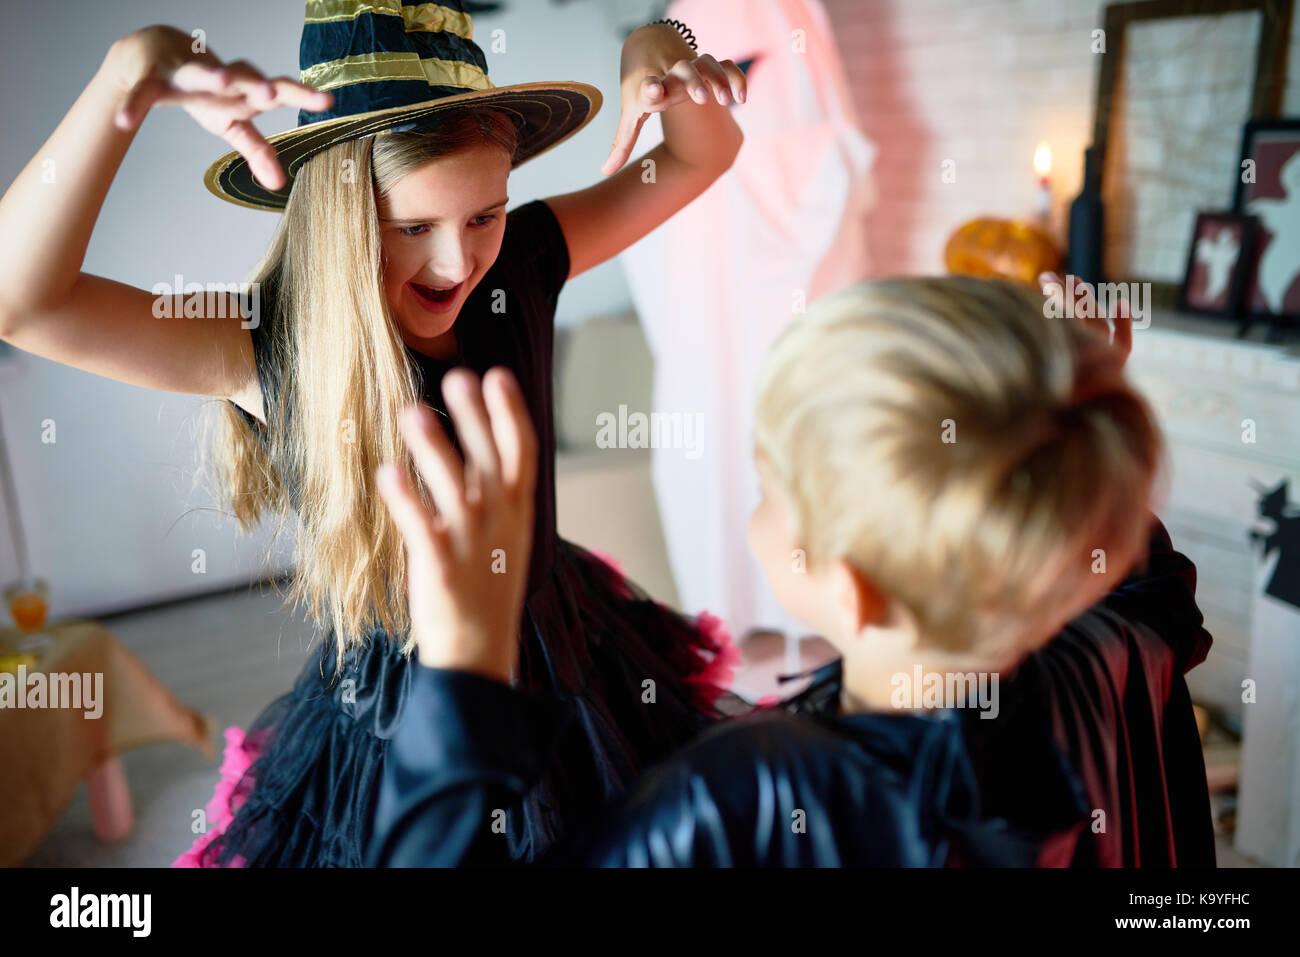 Lustige emotionale Kinder in Halloween Kostüme, Rollenspiel und Erschrecken einander Imaging, dass sie Monster Stockbild